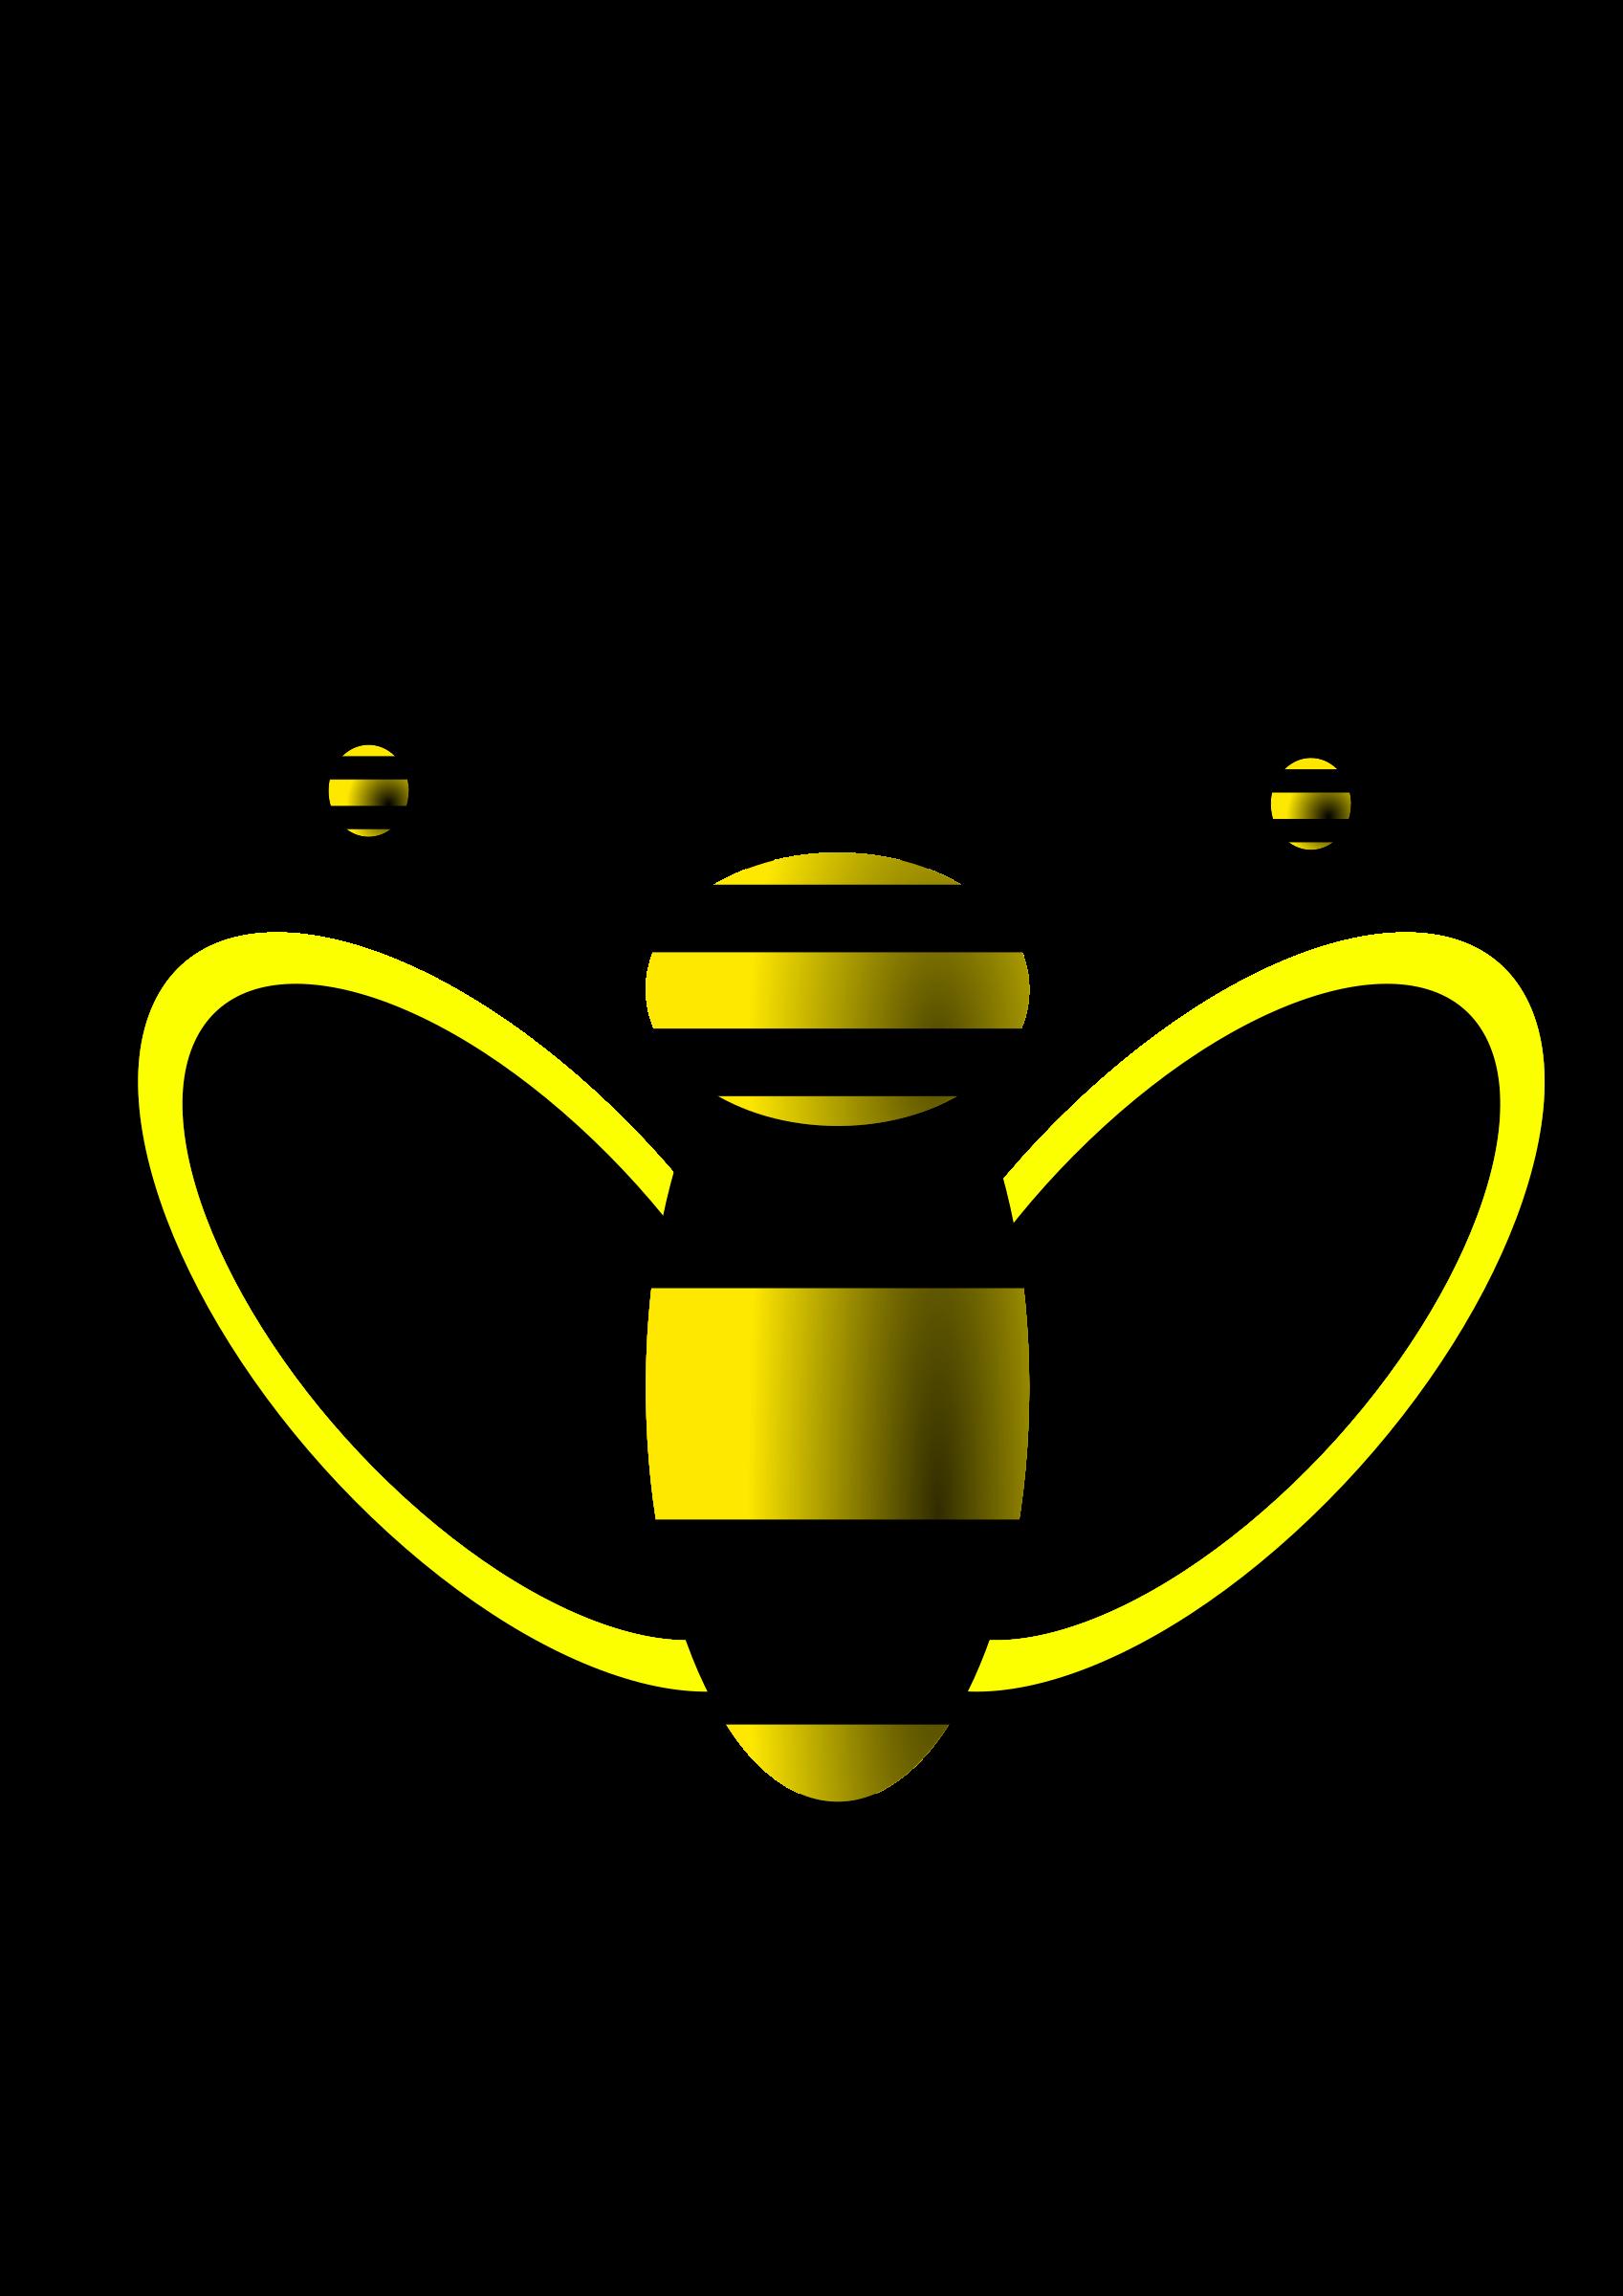 Honey clipart clip art. Bee big image png